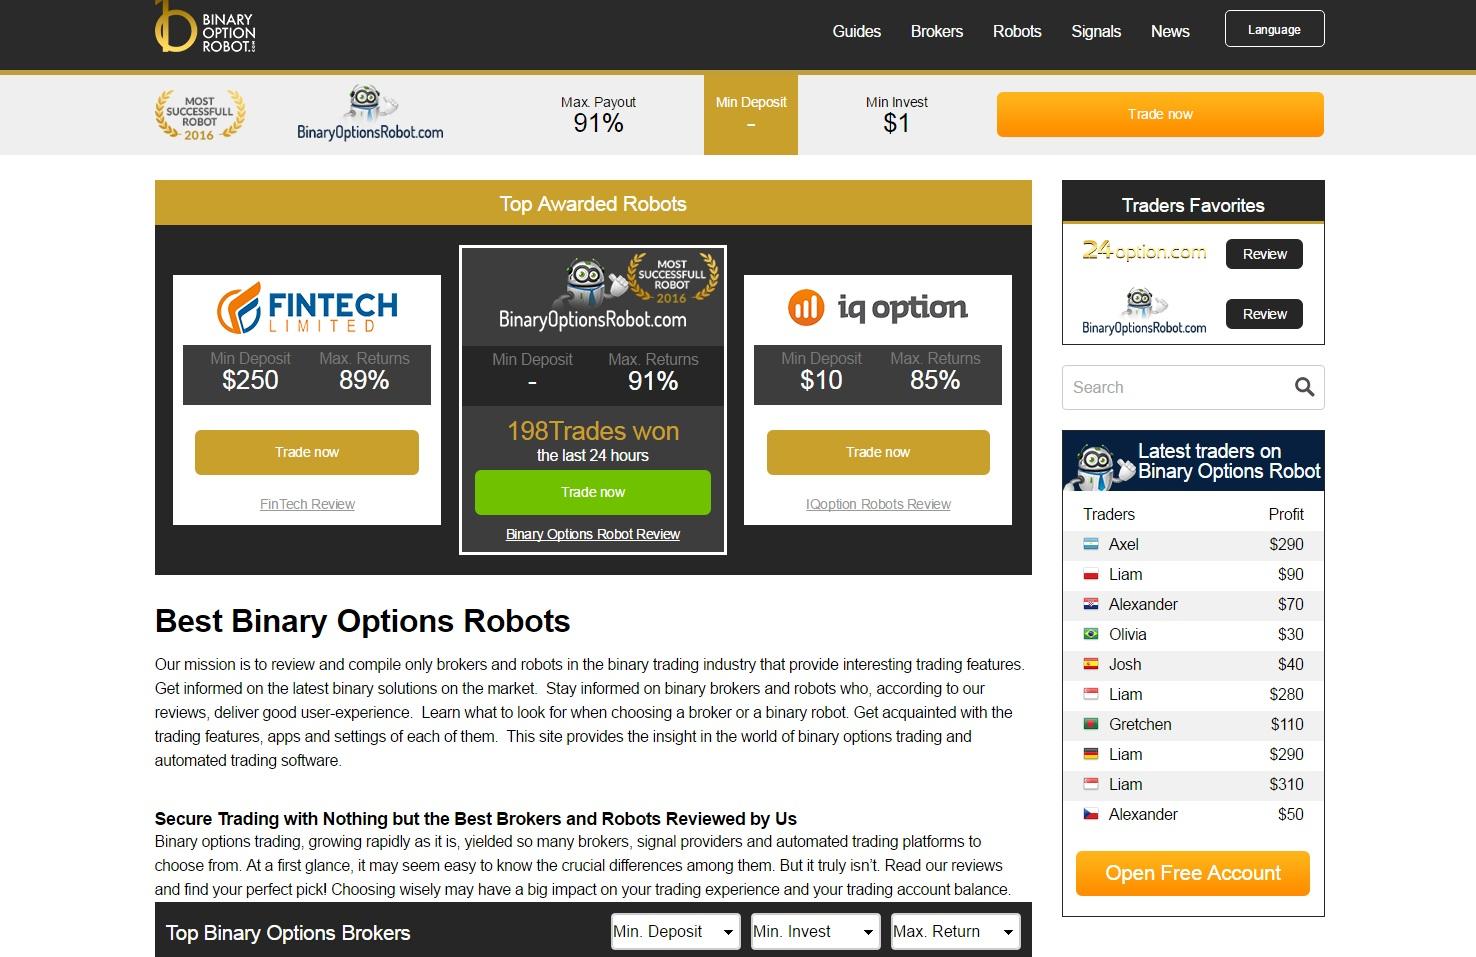 roboți pentru recenzii de opțiuni binare